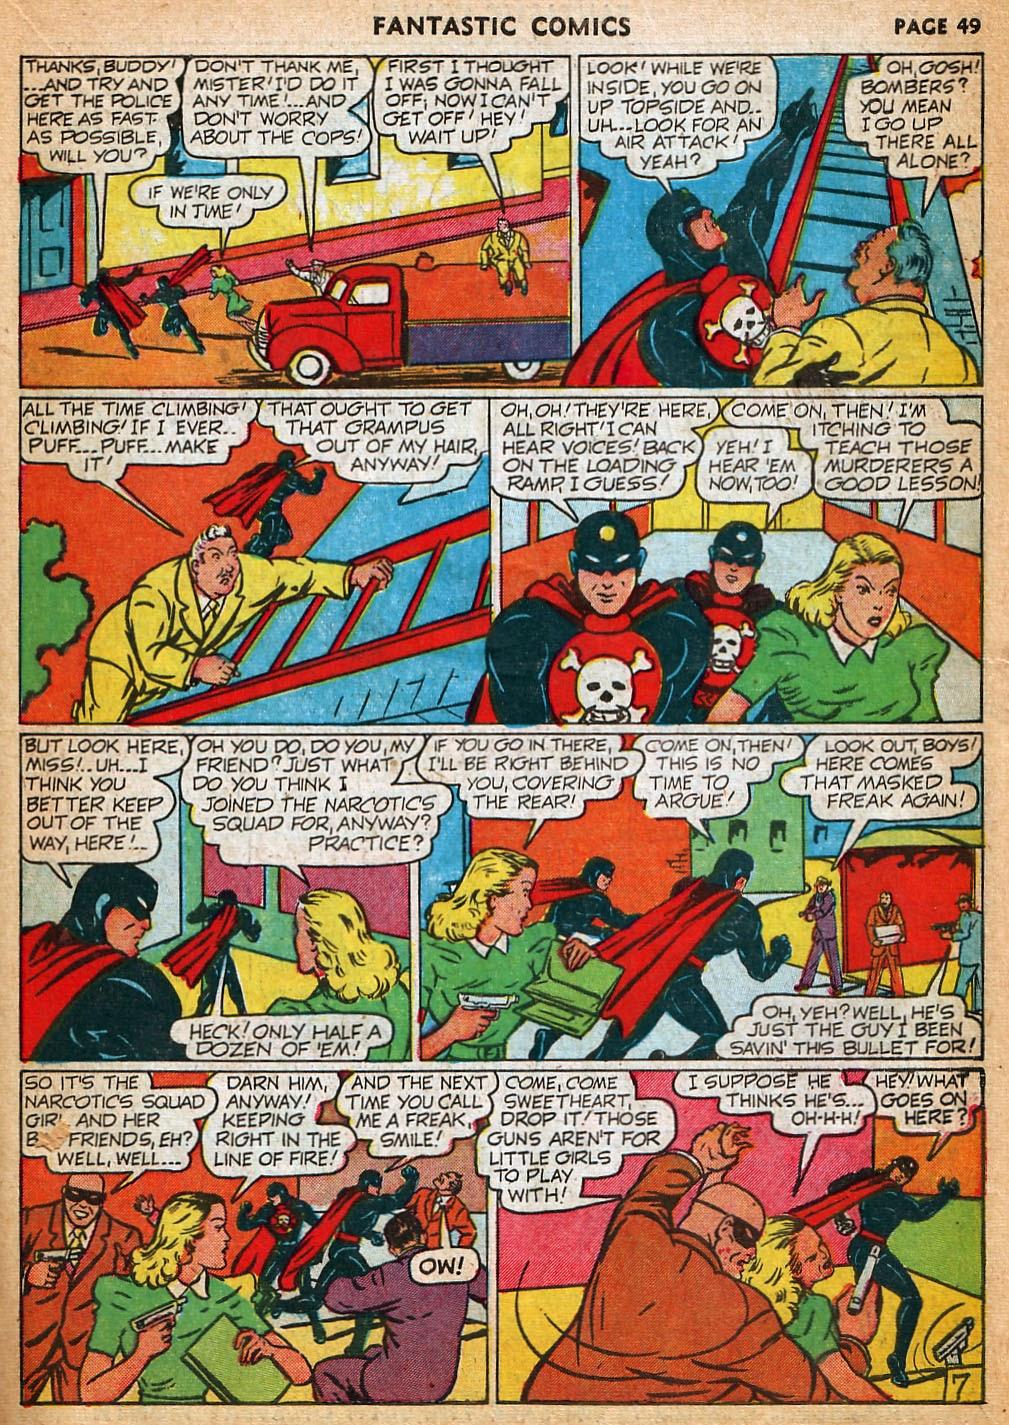 Read online Fantastic Comics comic -  Issue #22 - 50